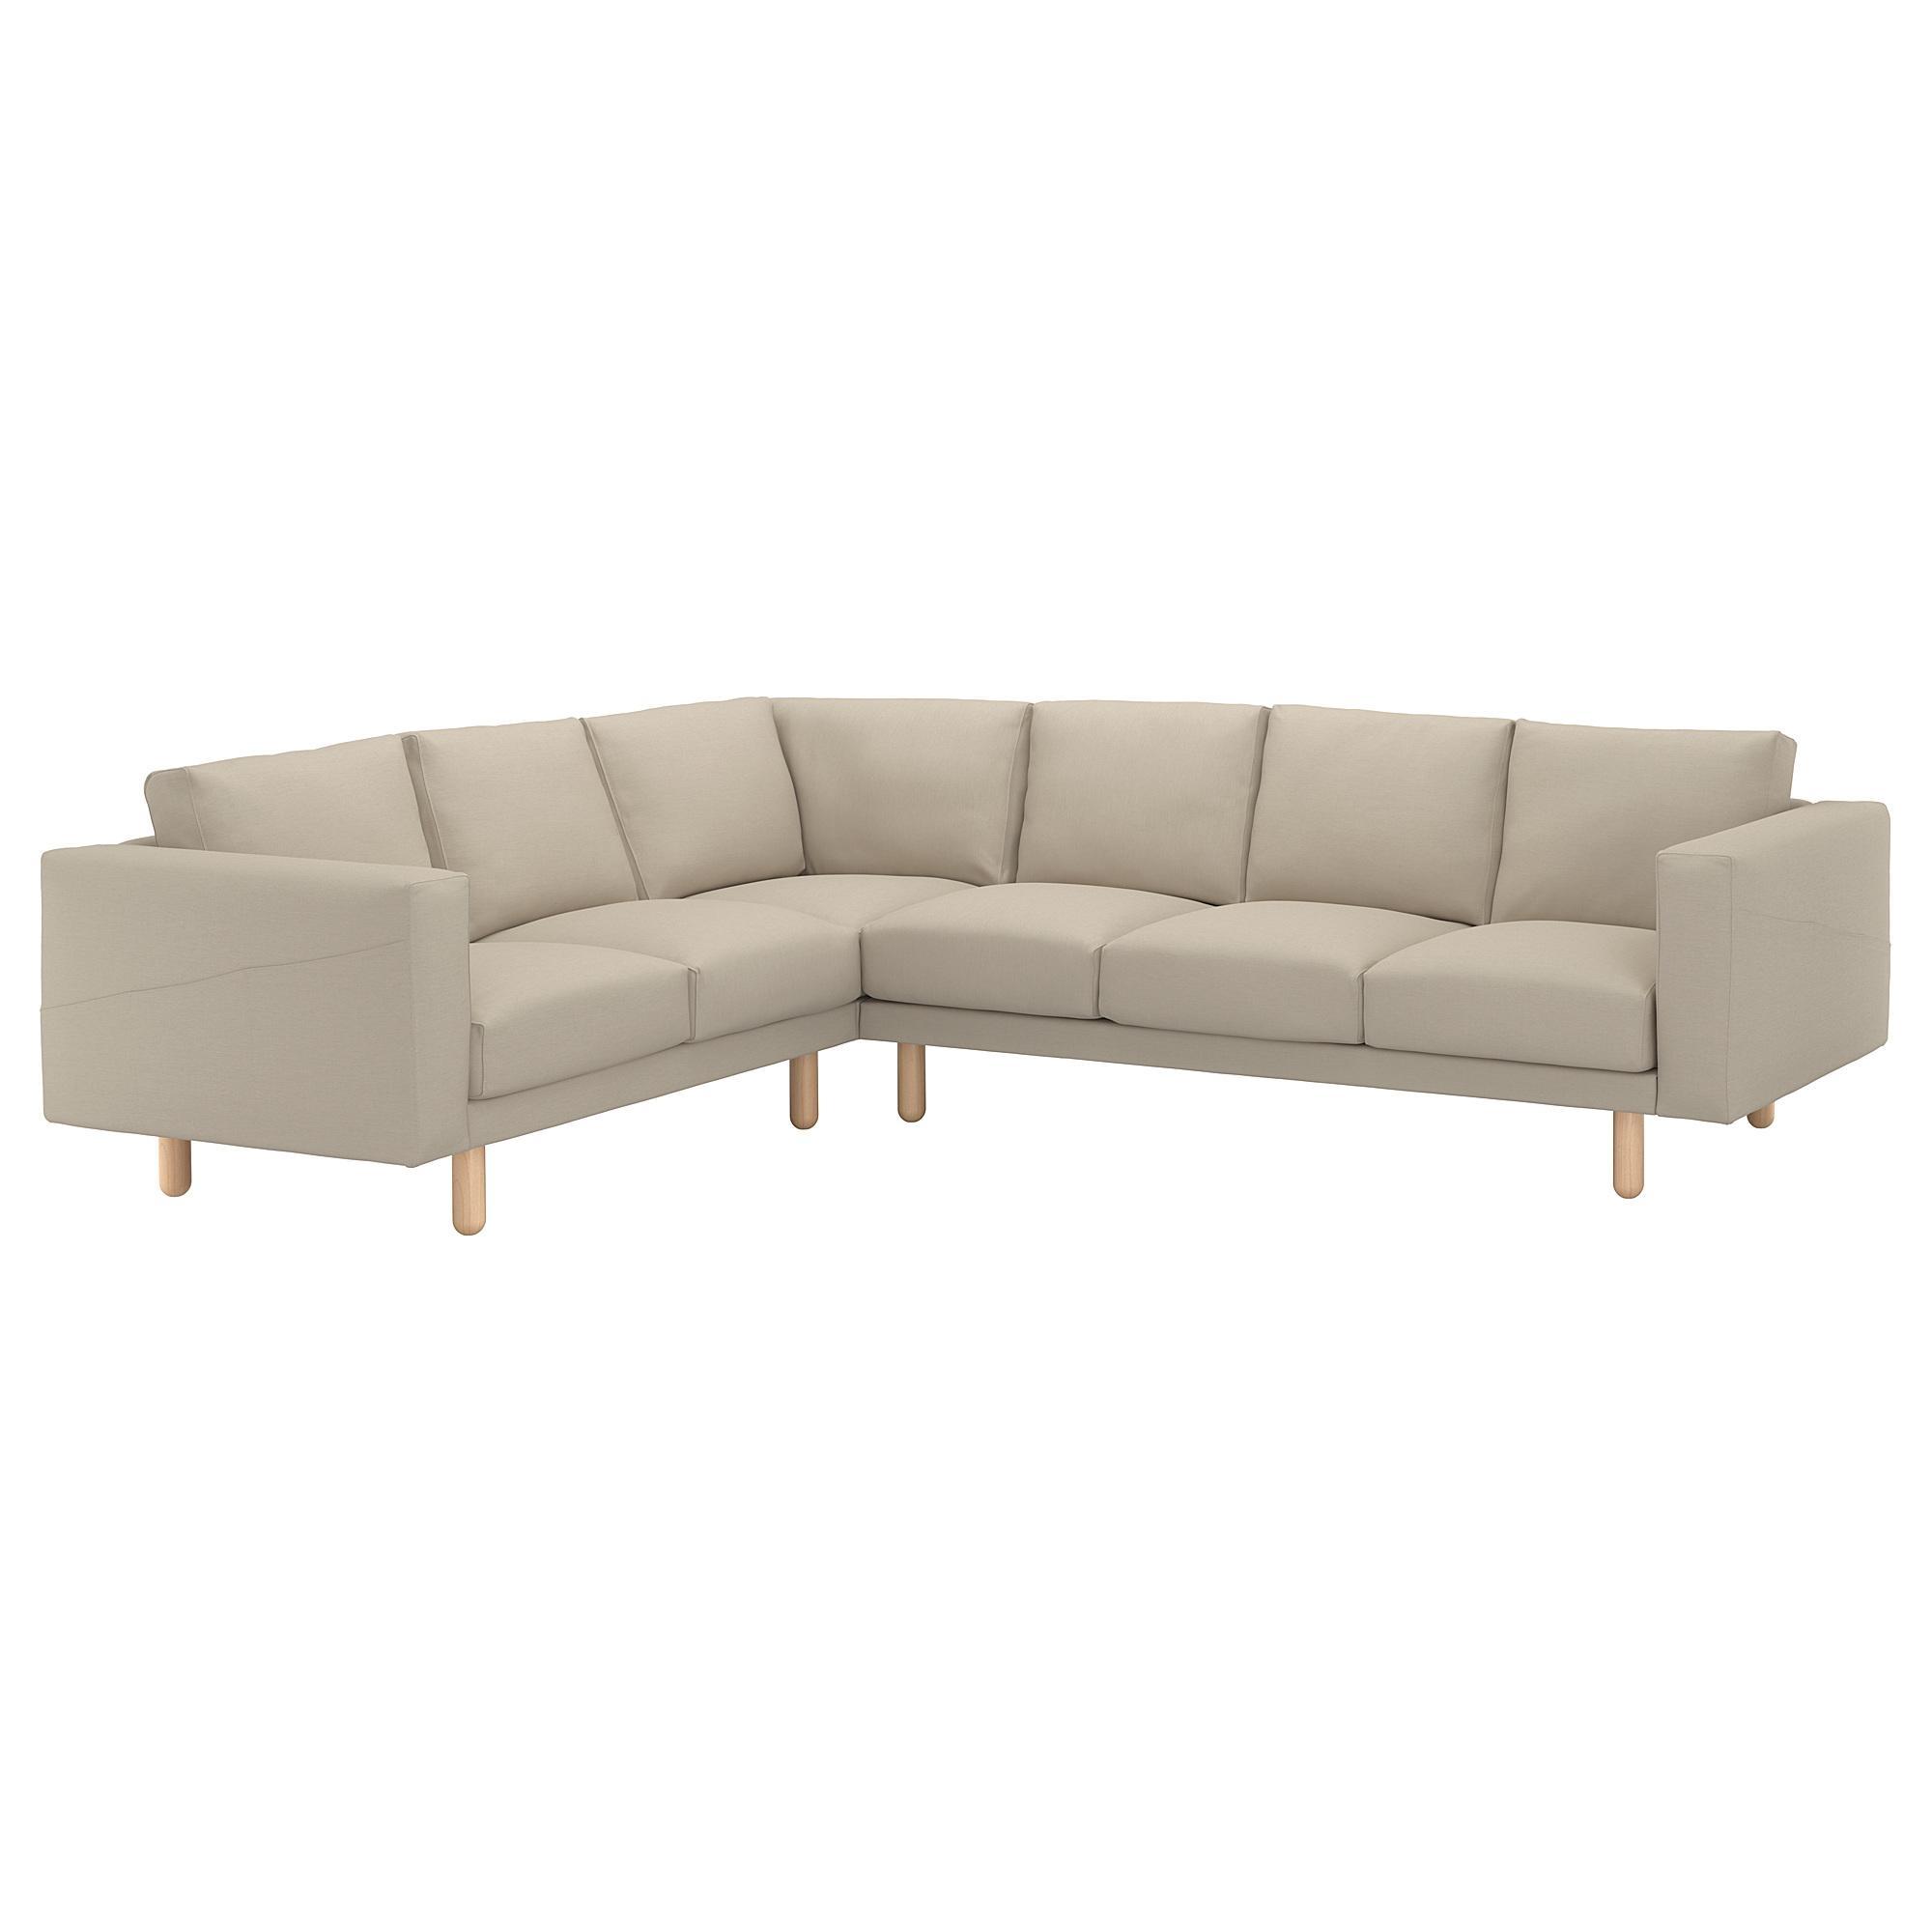 Fabric Sectional Sofas – Ikea Within Sofa Corner Units (Image 10 of 24)